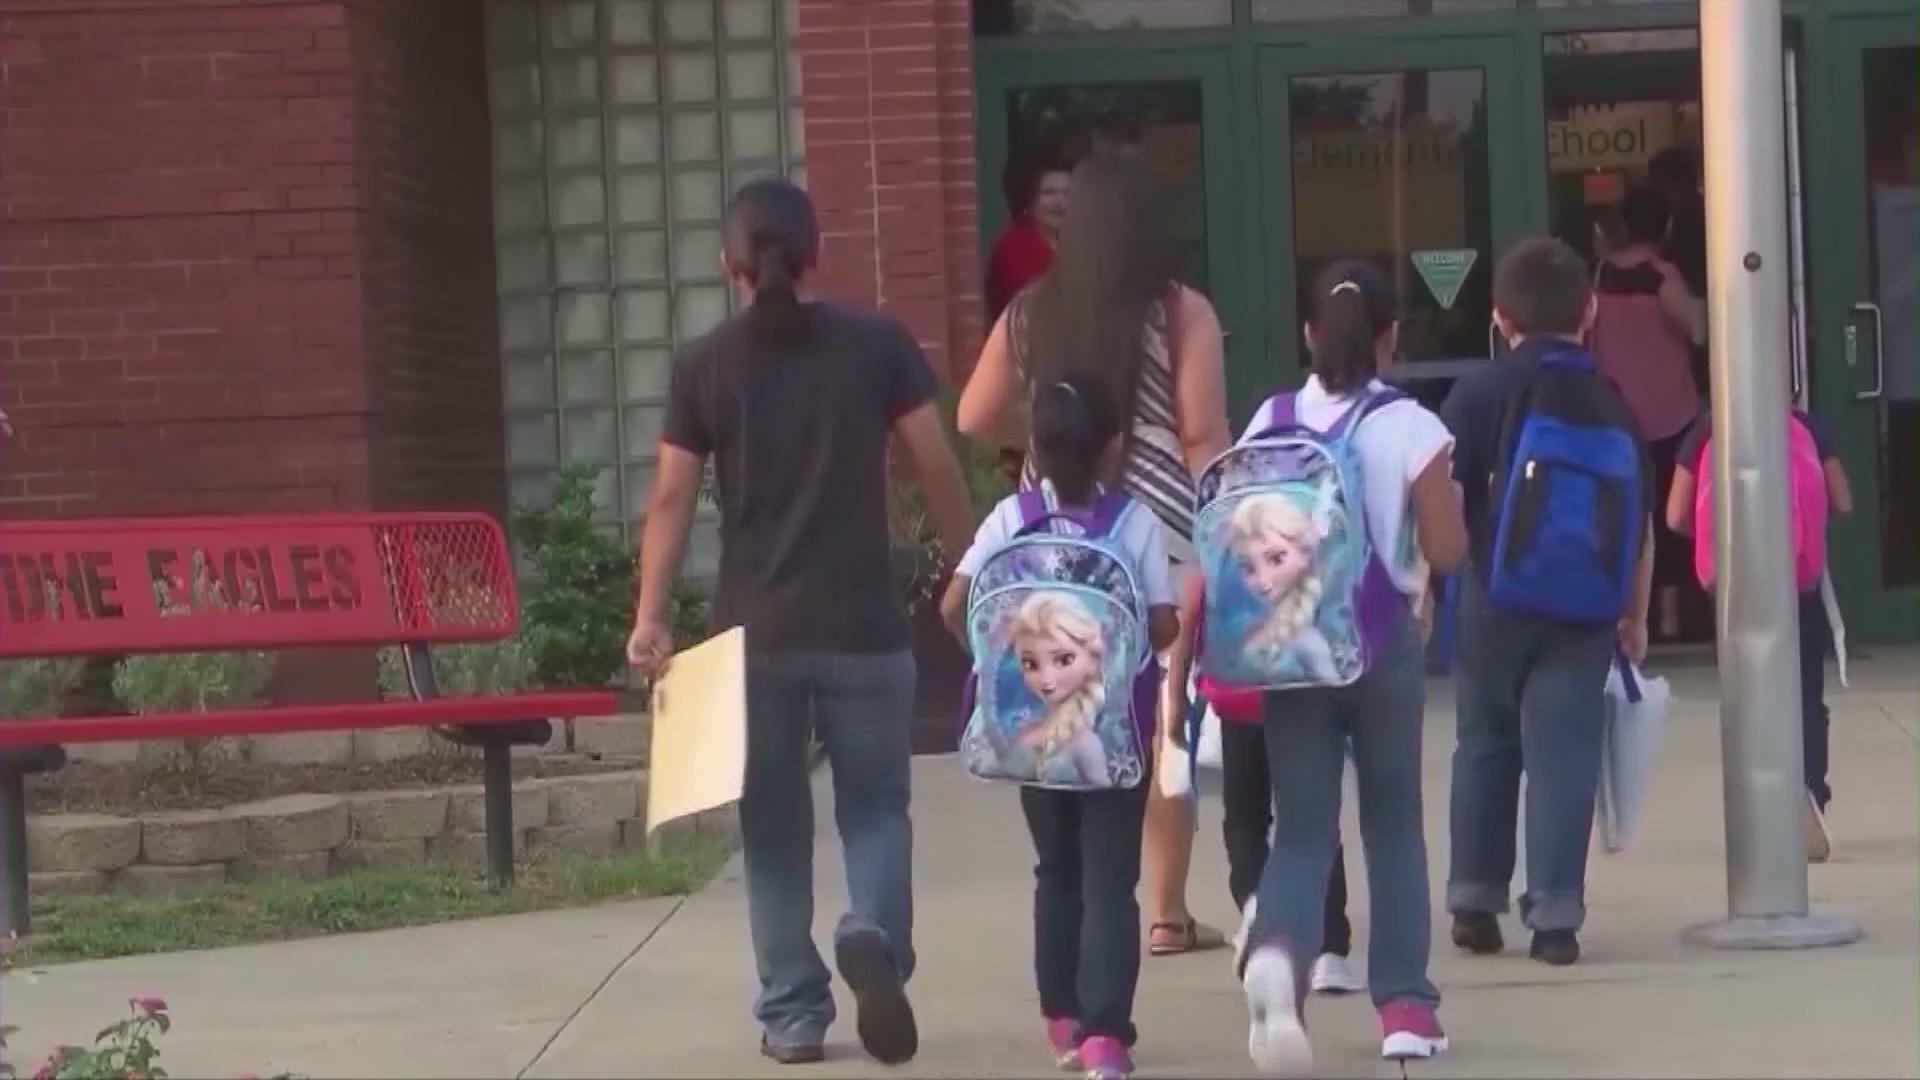 Children walk to school in this undated file image. (KTLA)